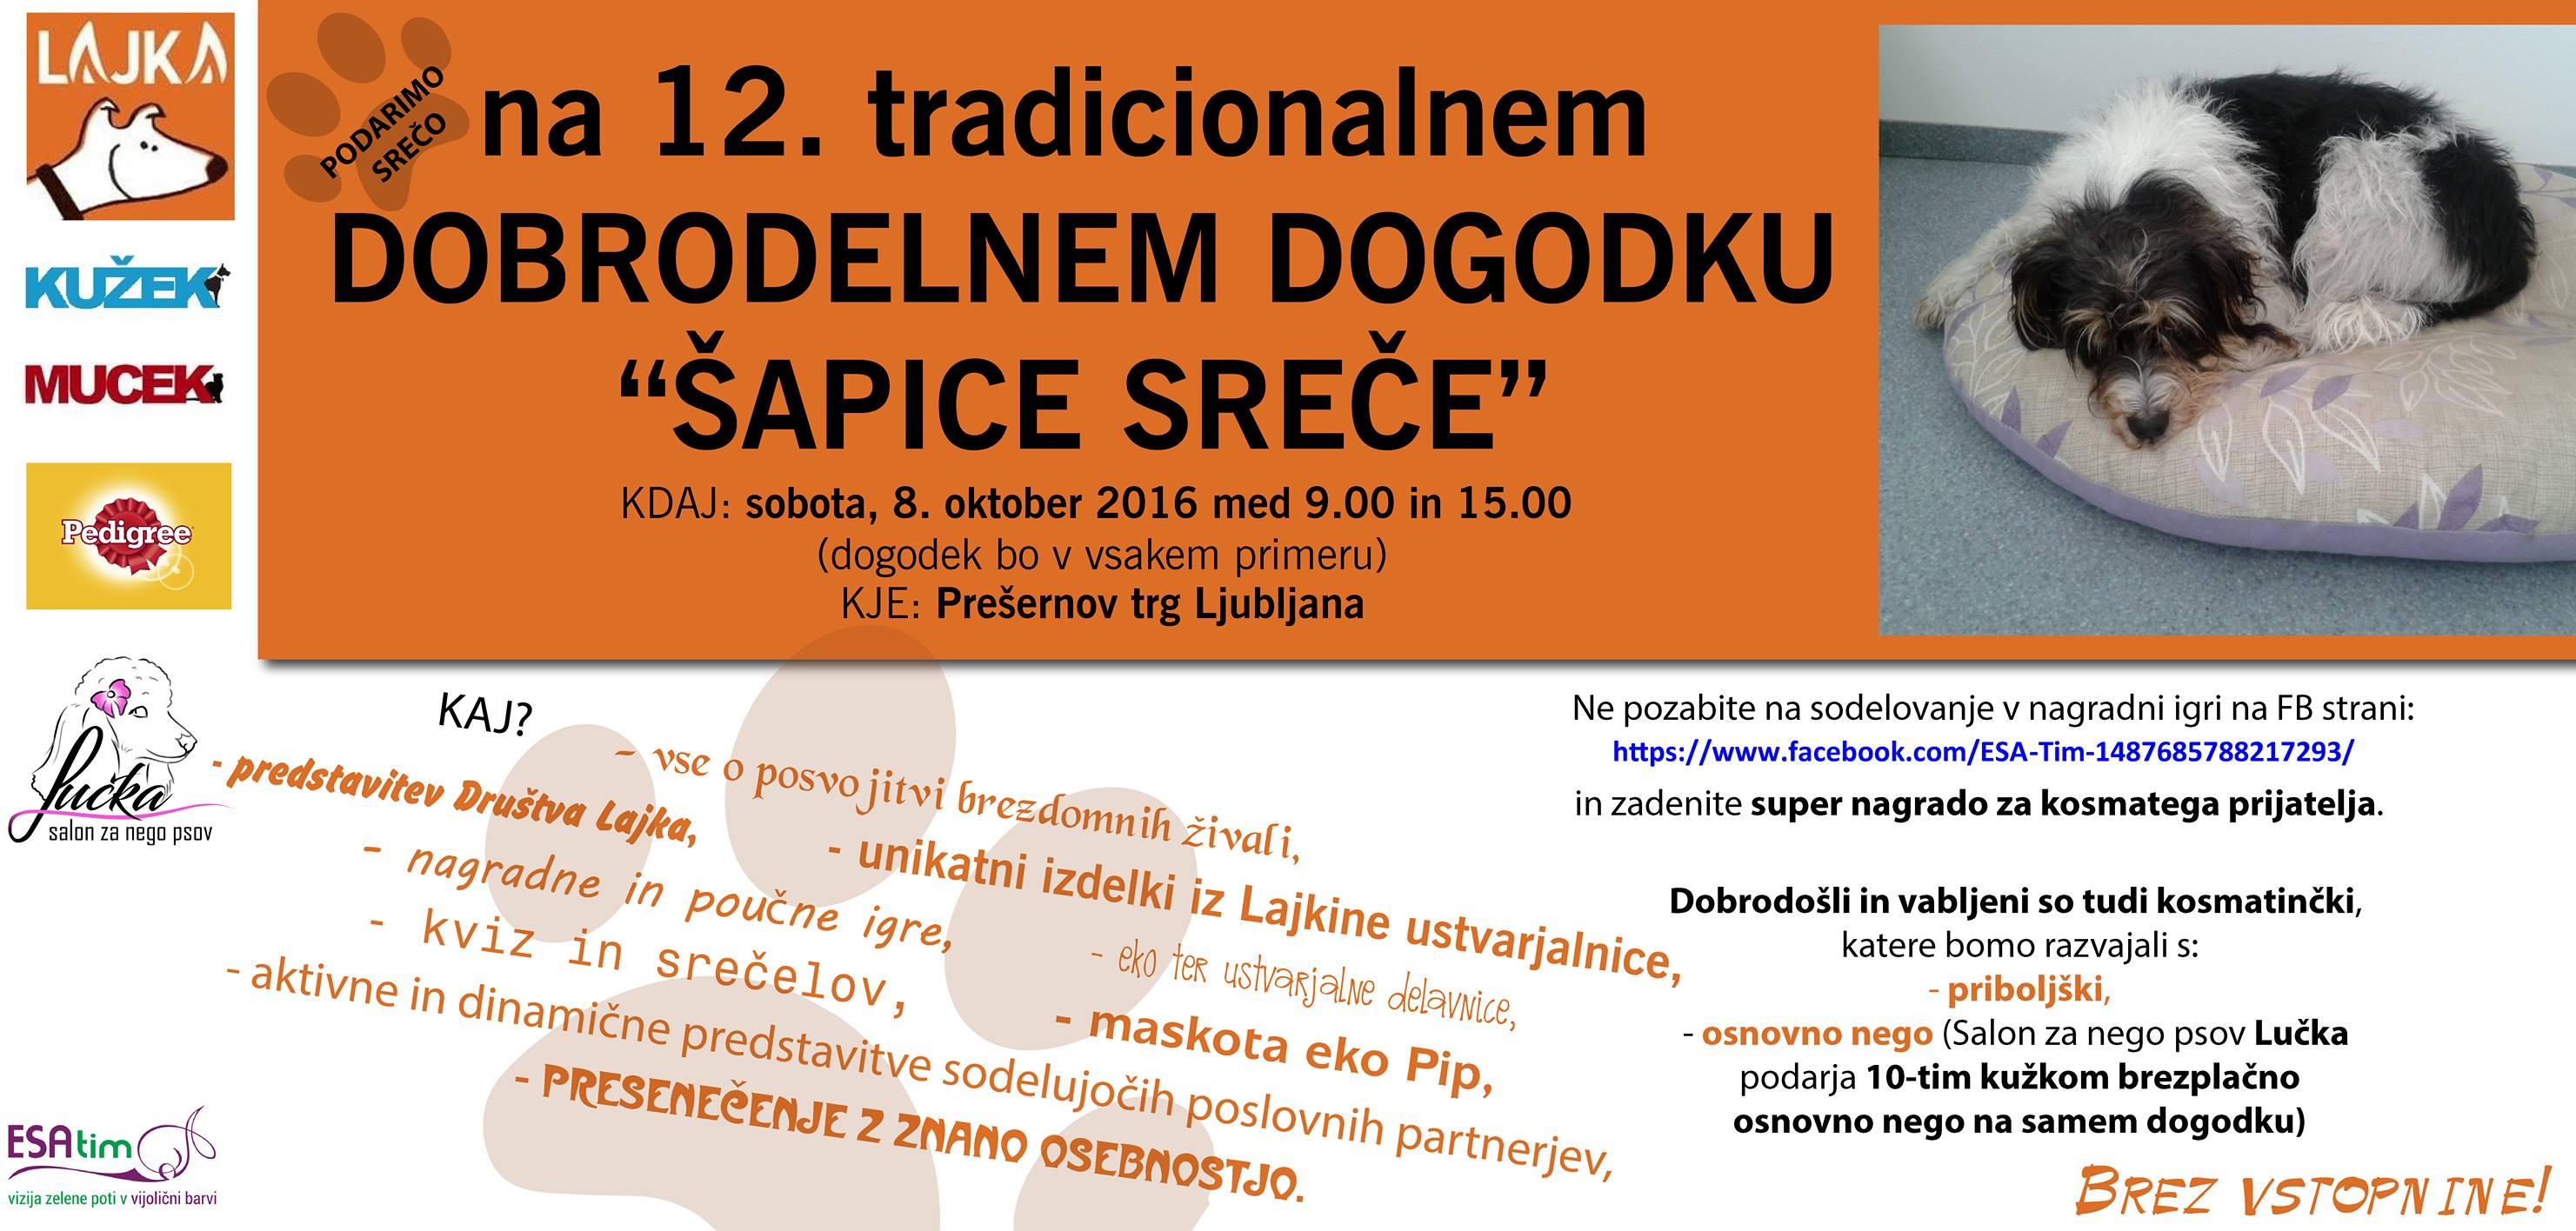 sapice_srece